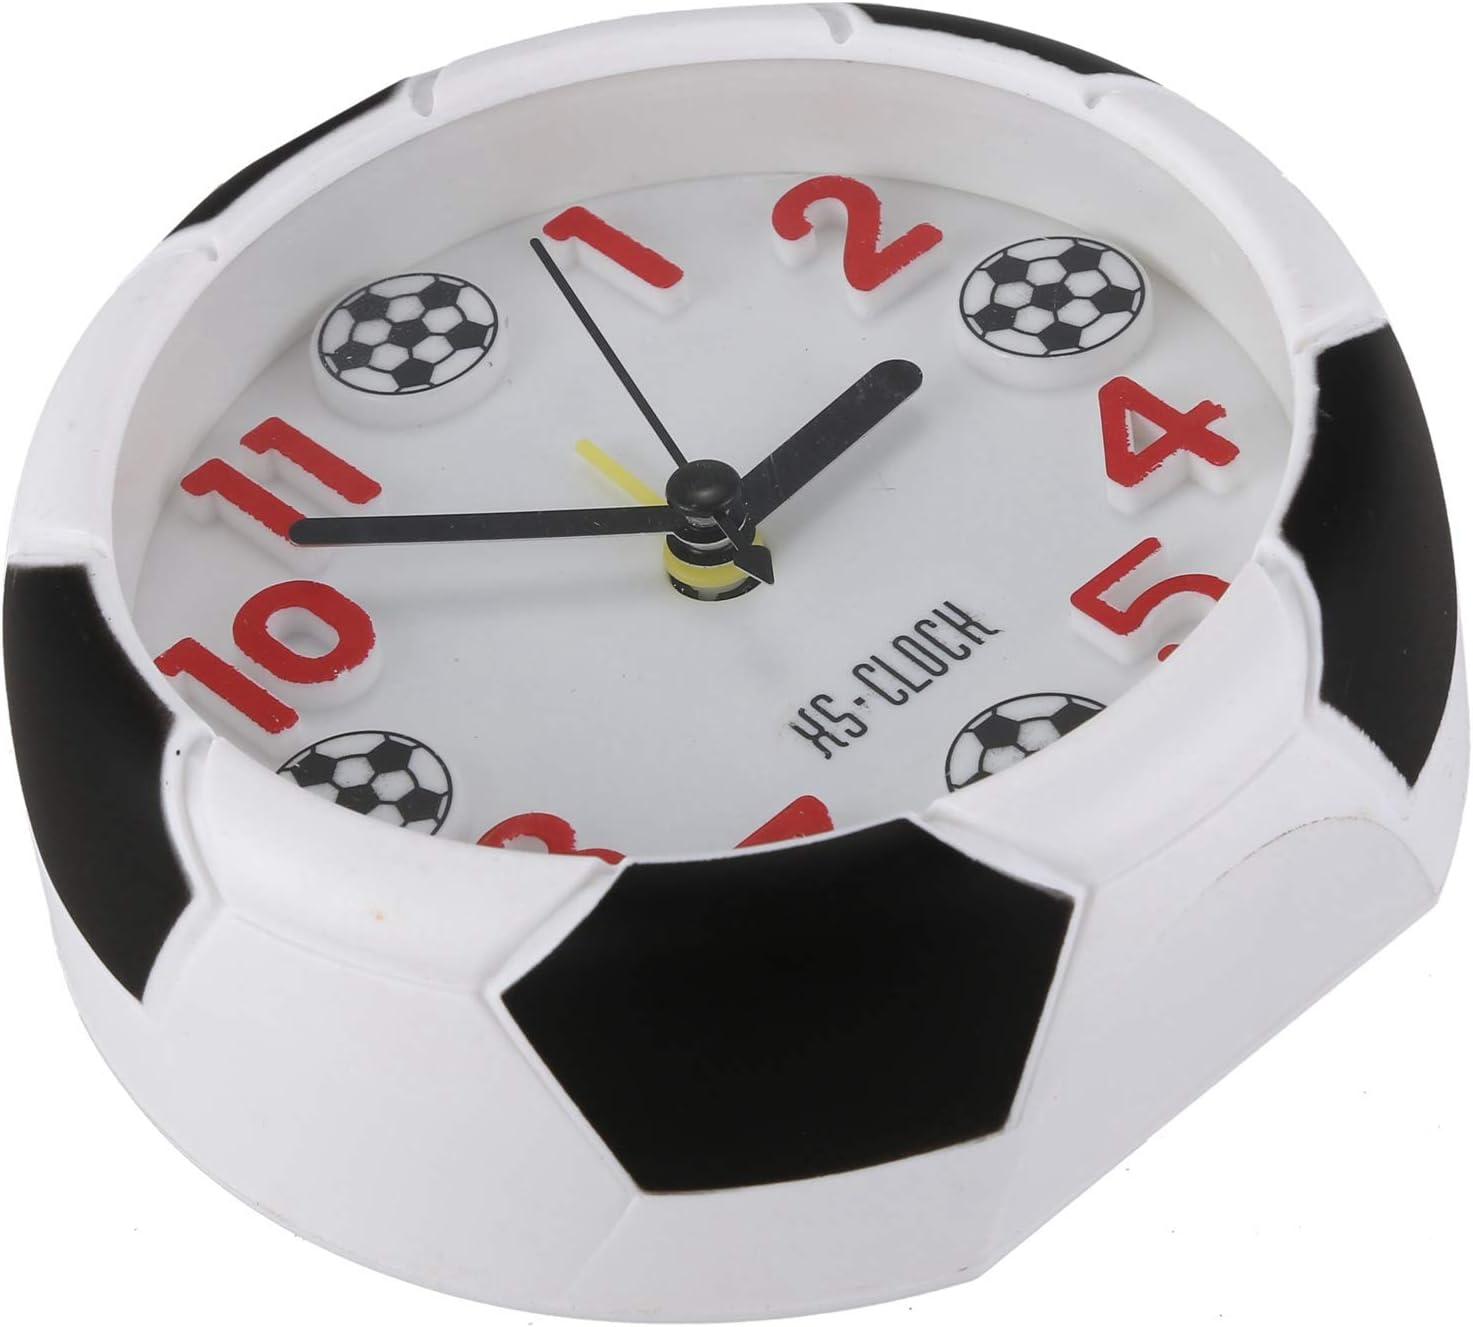 Naliovker Football Reveil Bureau Reveil Etudiant Bureau Reveil Horloge Ronde reveil numerique Horloge de Table numerique pointeur Horloge